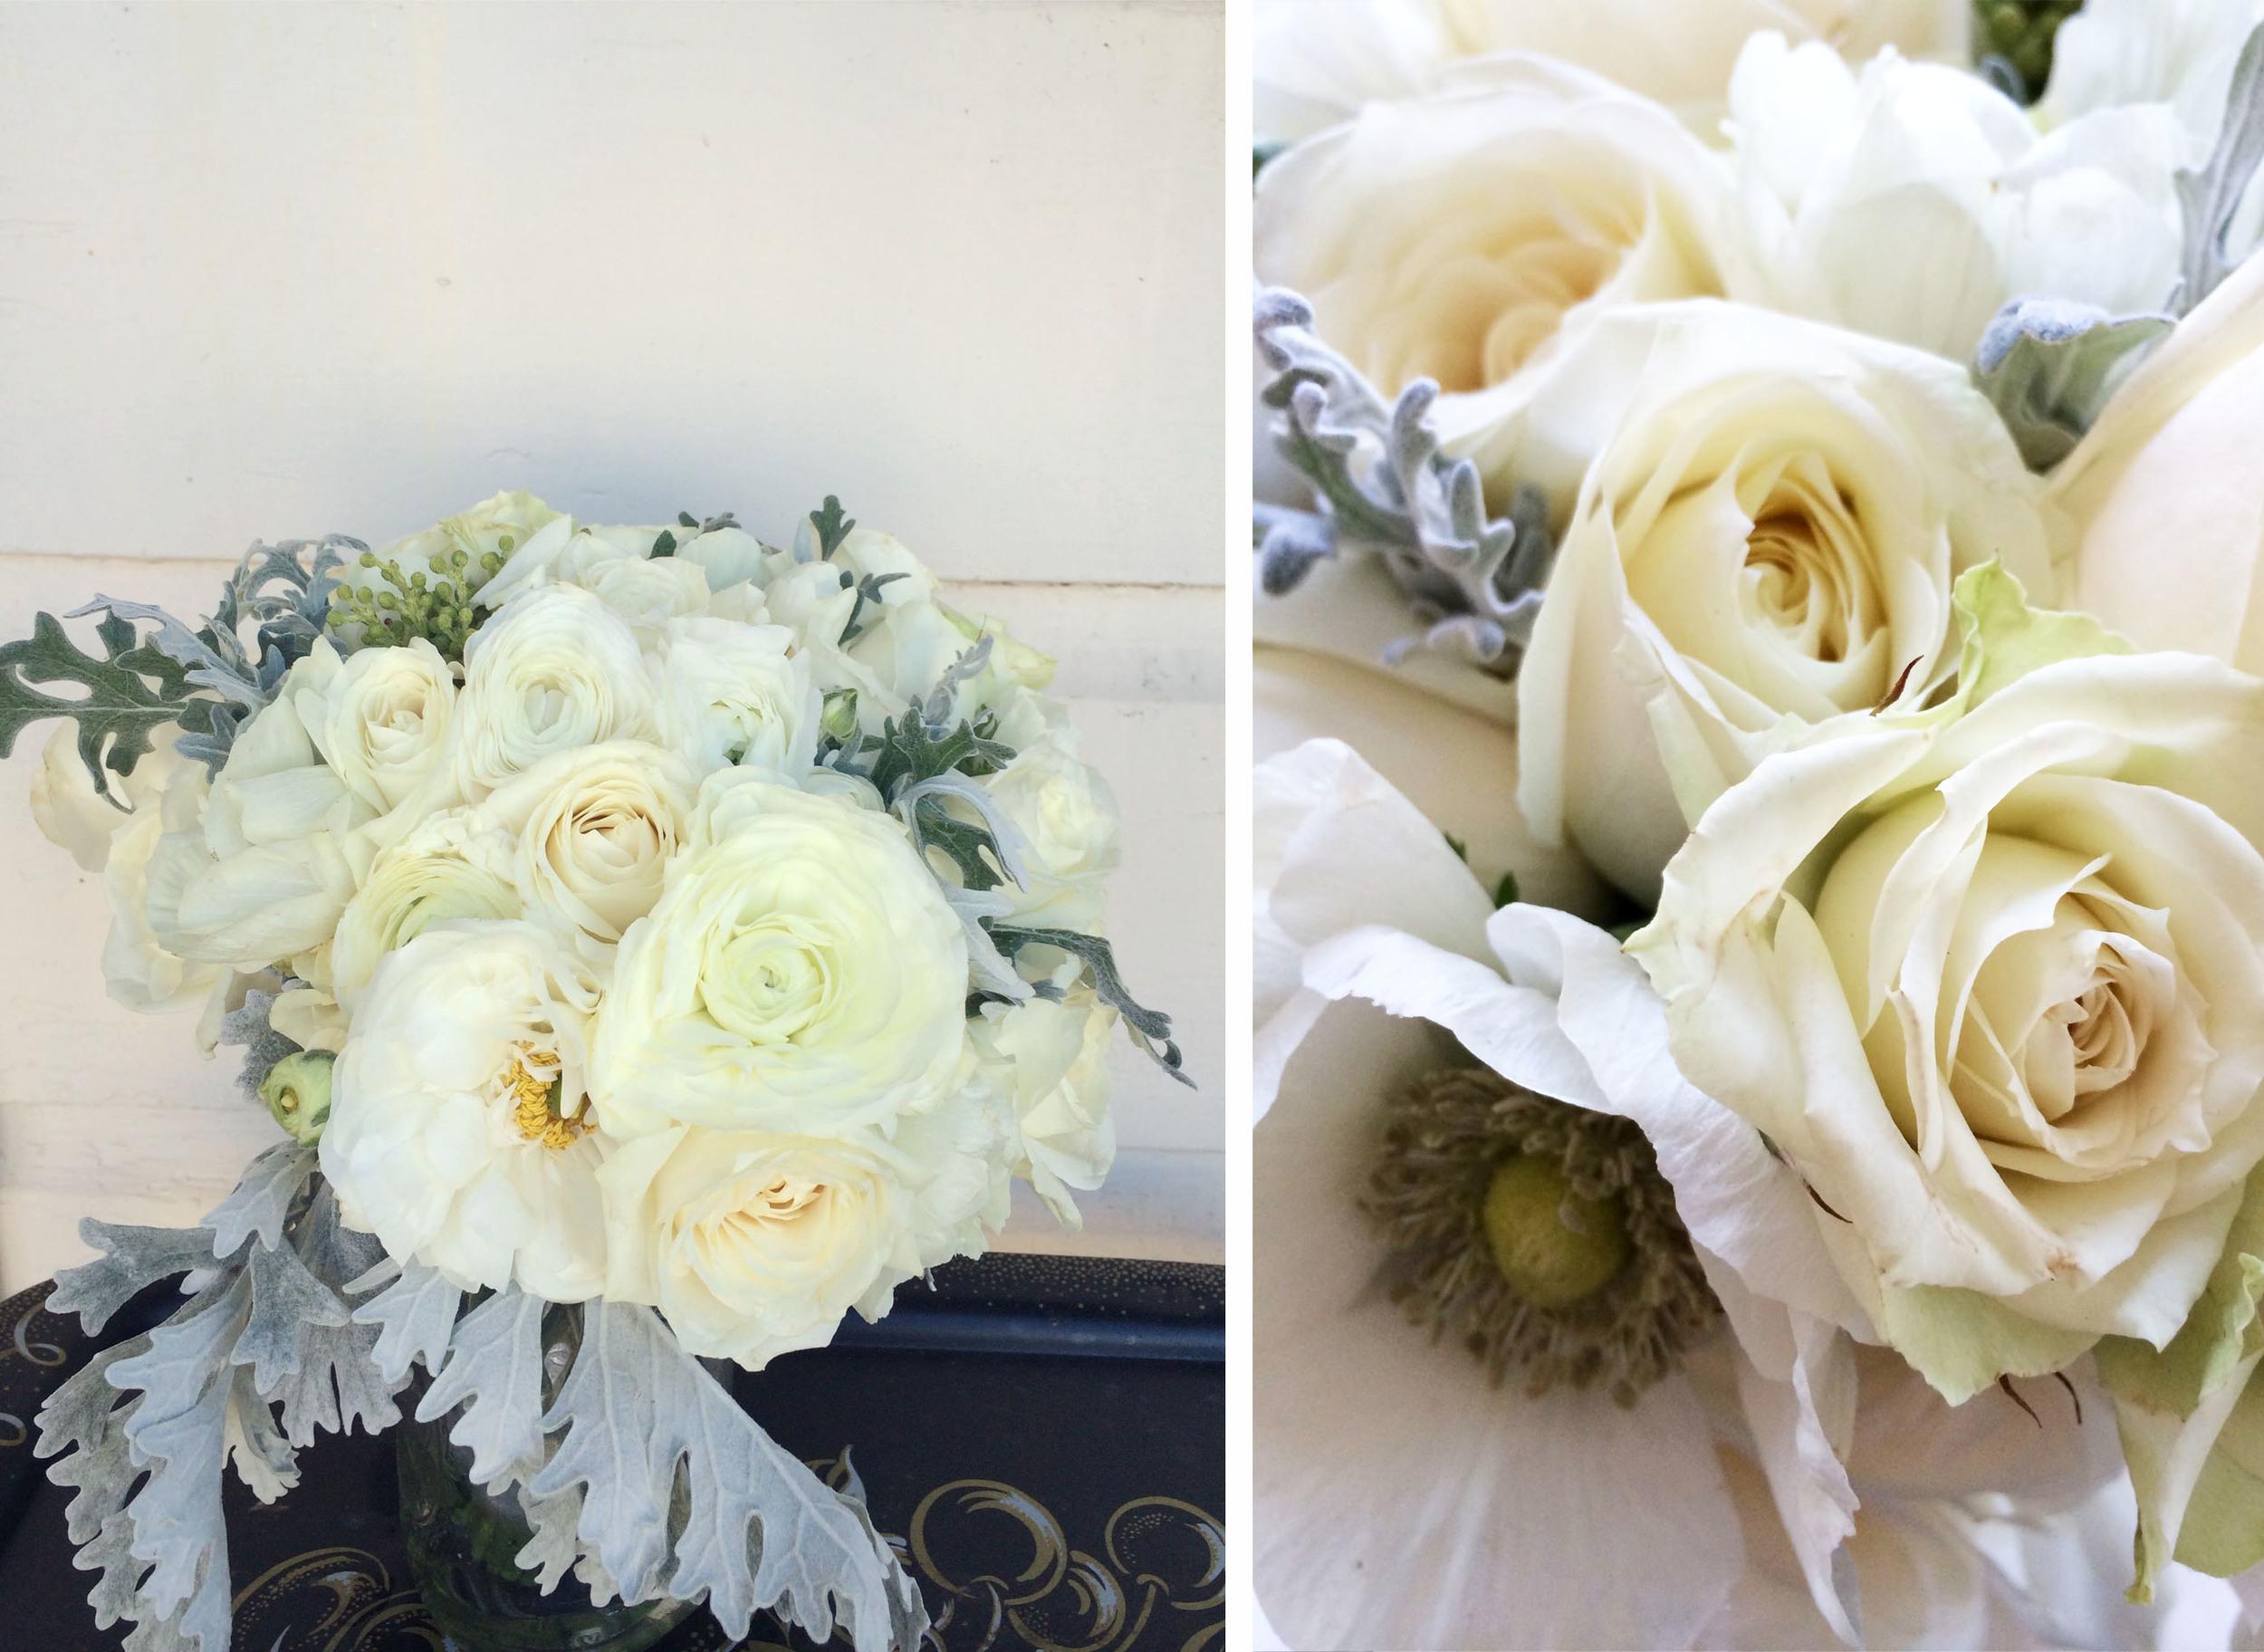 flowers_11.jpg